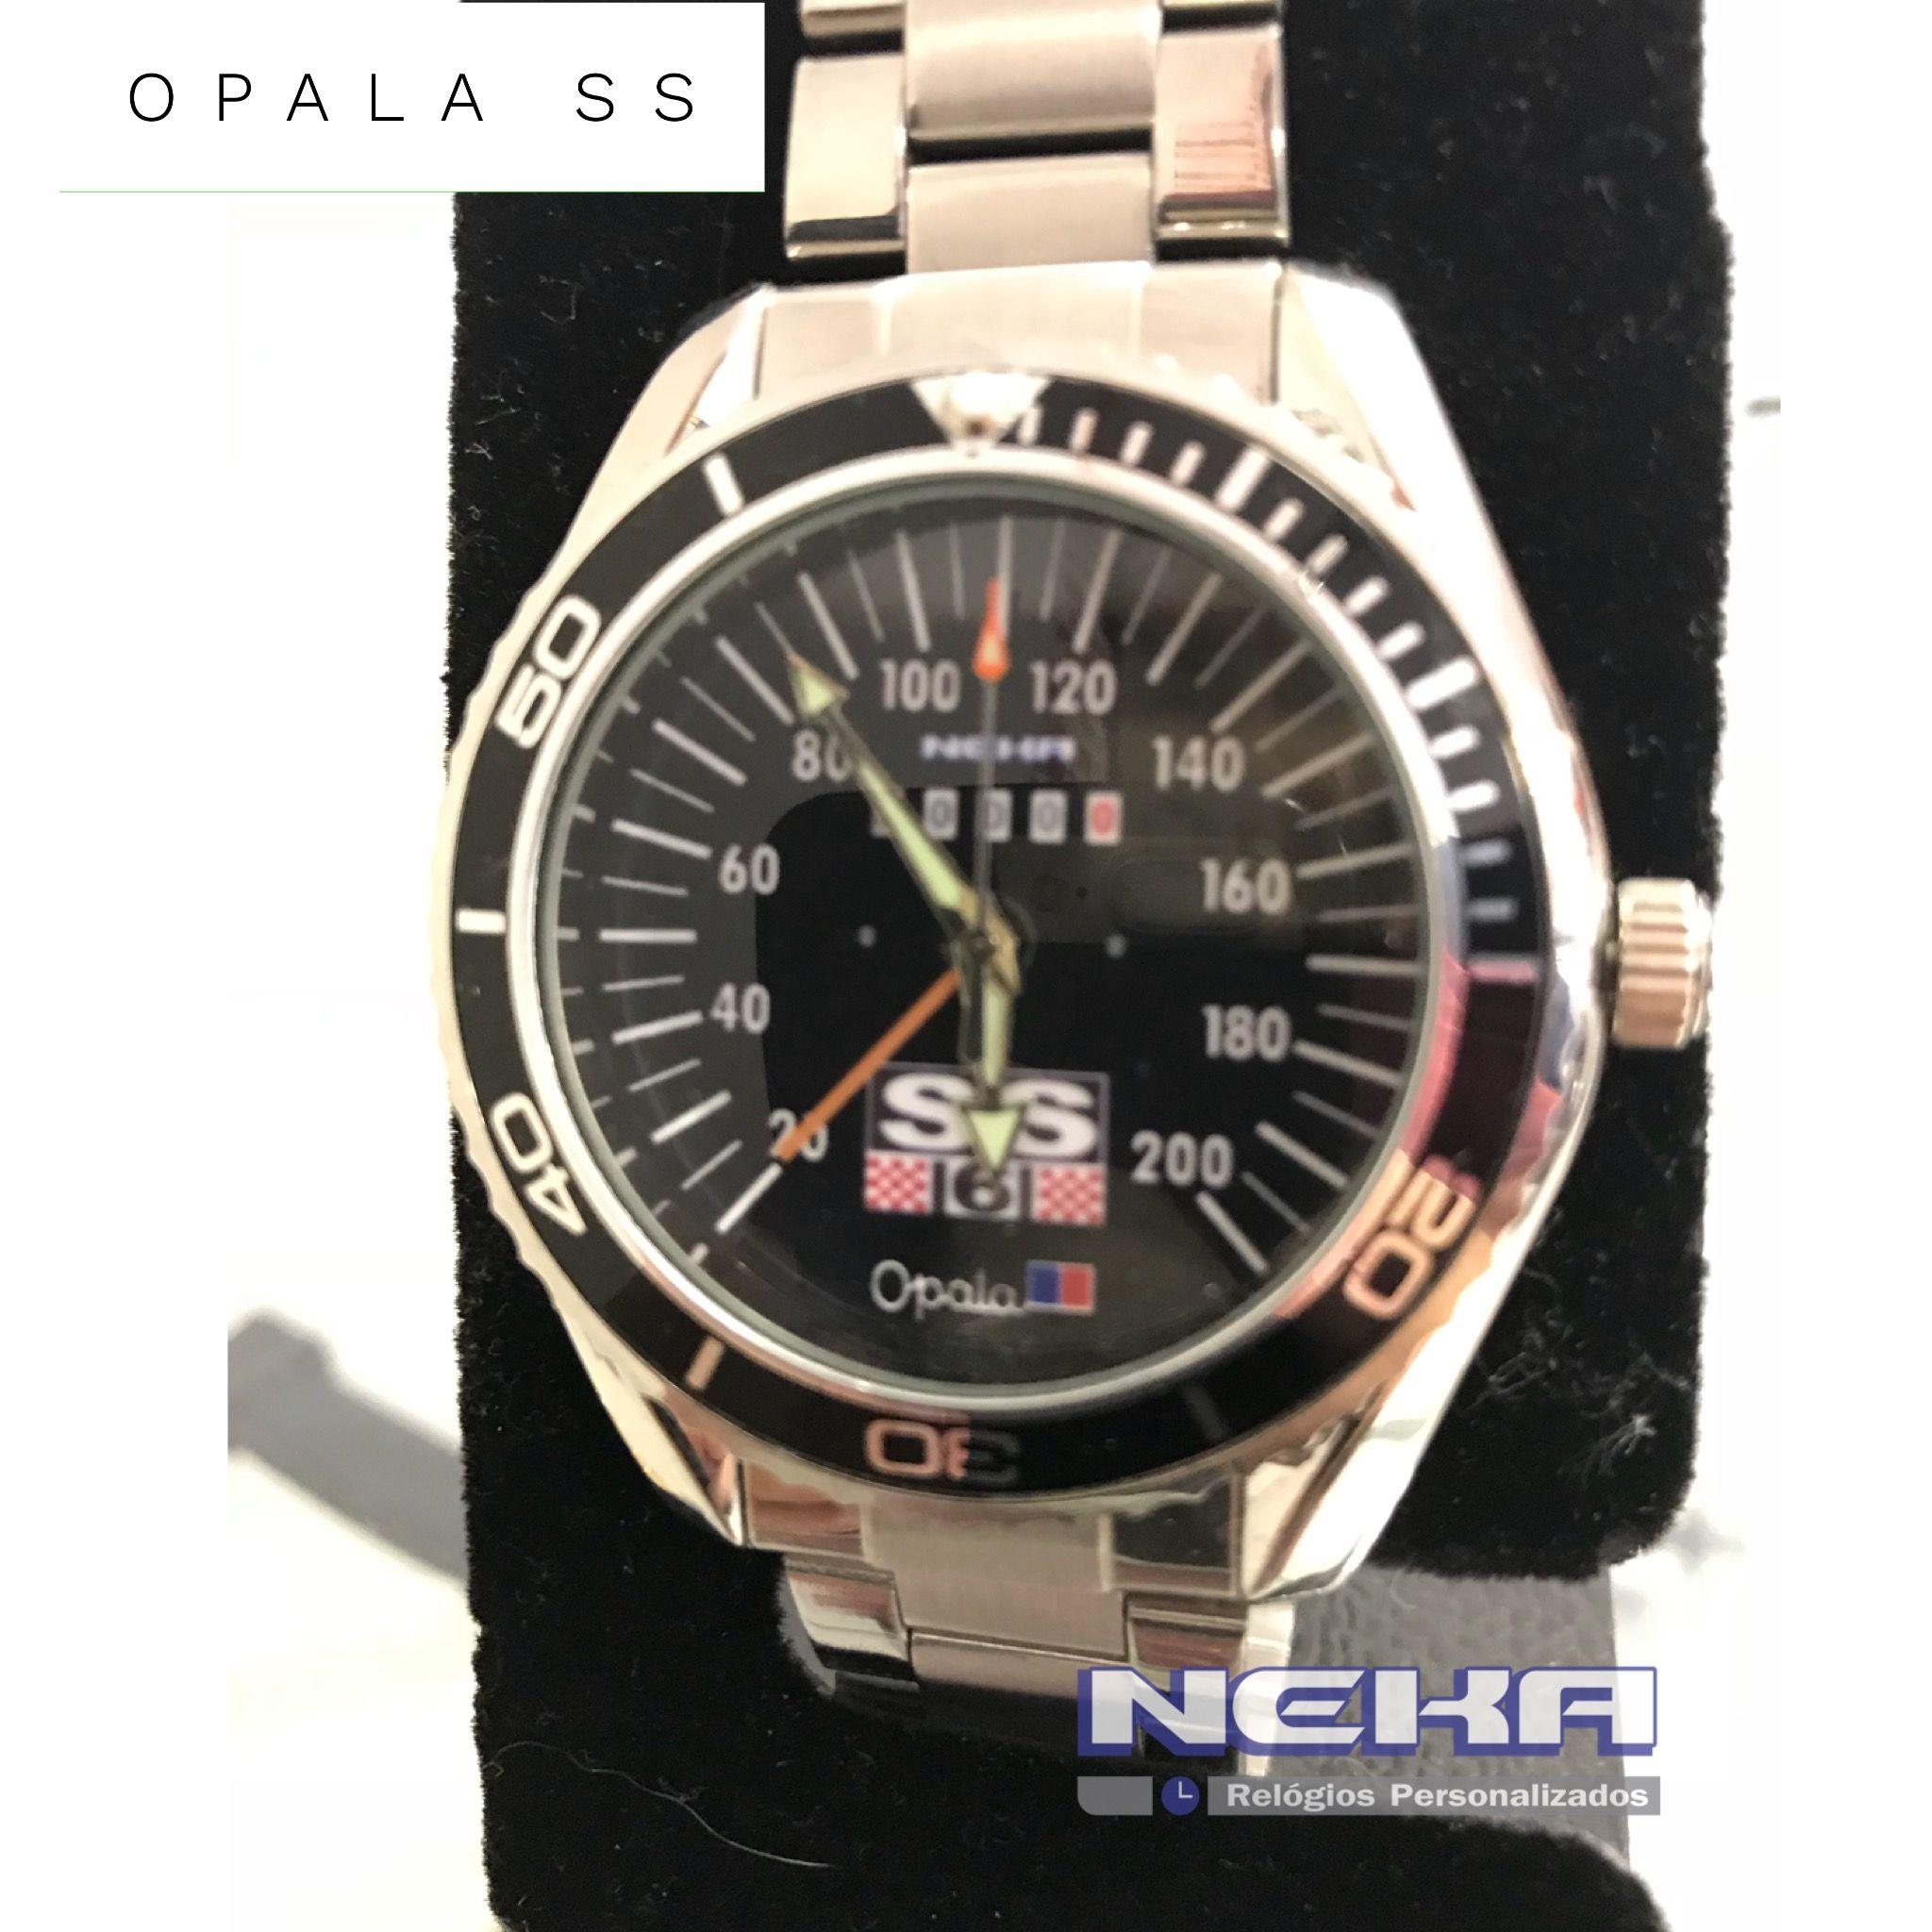 80b96a43c68 Painel Opala SS lindo relogio personalizado com pulseira cromada ...